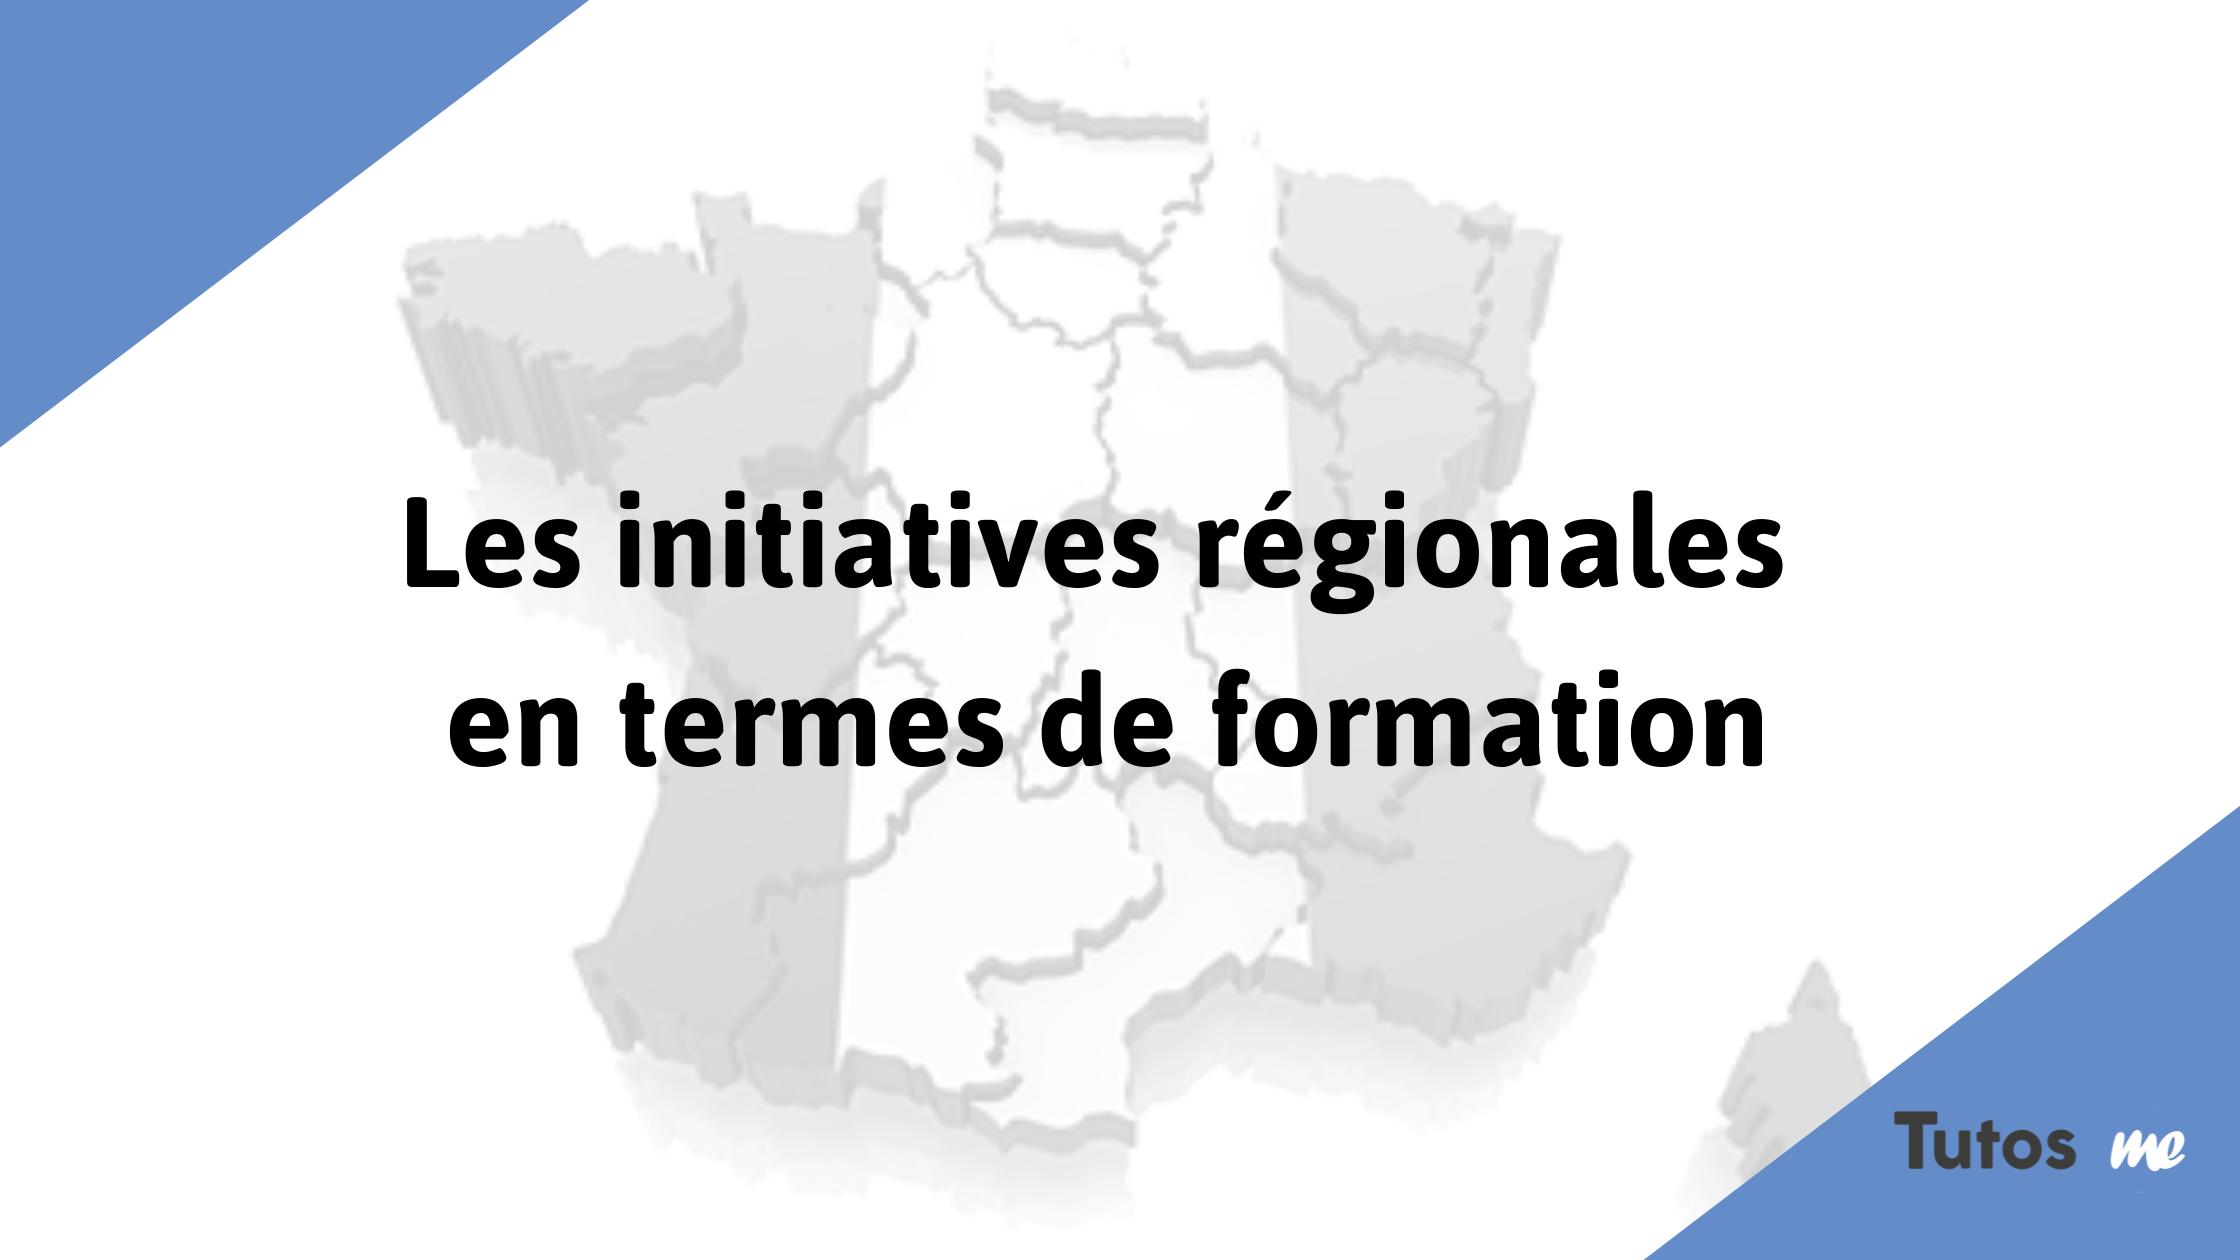 Les initiatives Régionales en termes de formation